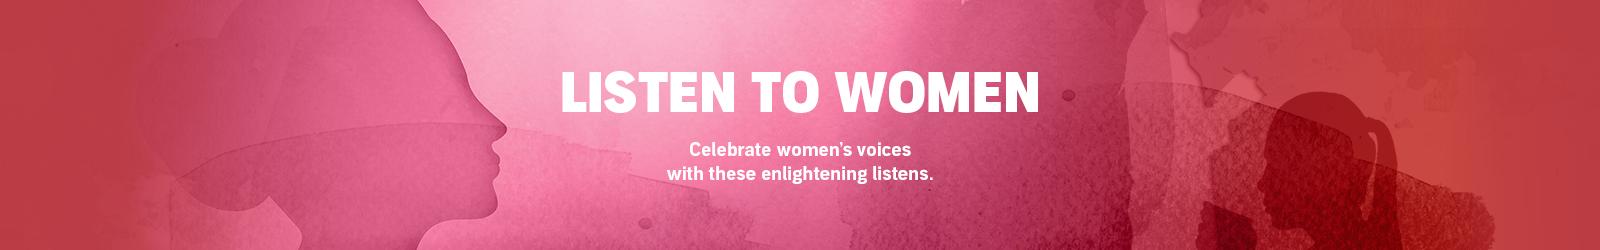 Listen to Women